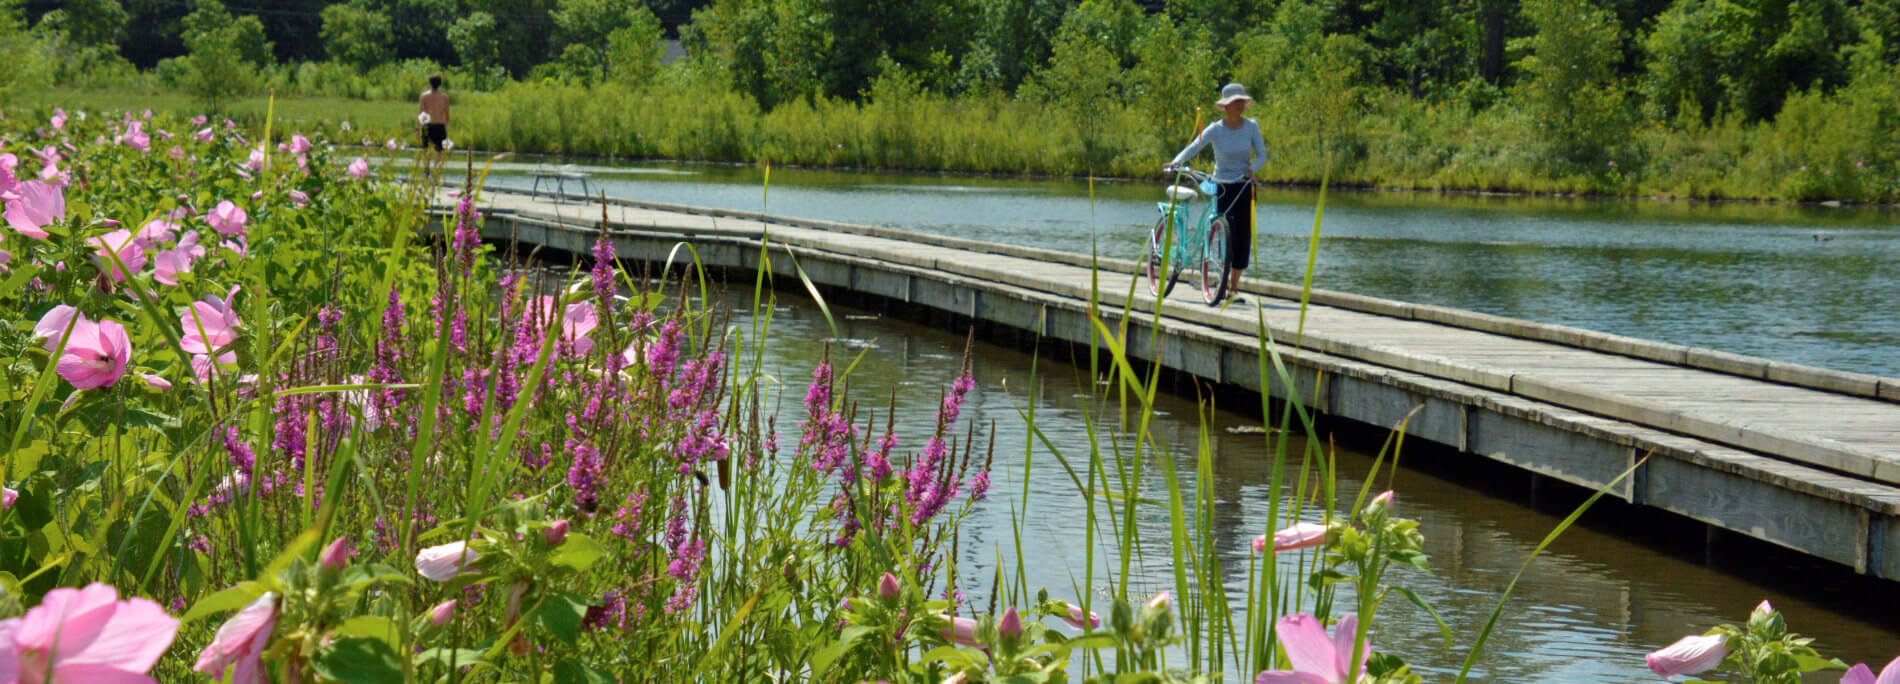 A woman walking her bike on a boardwalk that traverses a marshy area